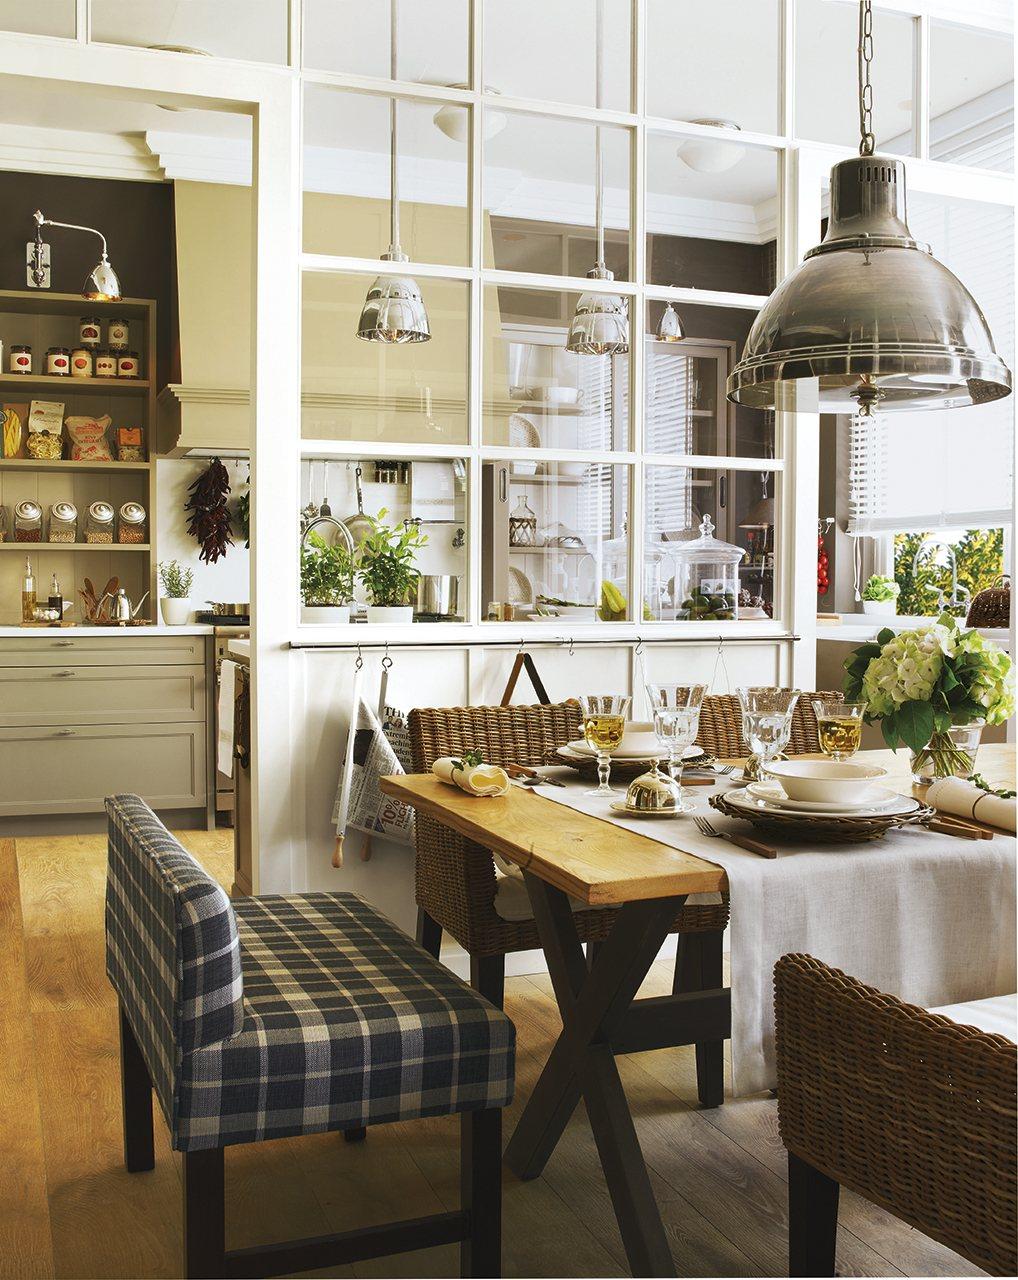 Fantástico Cocina Tapizada Bancos De Muebles Ideas - Muebles Para ...